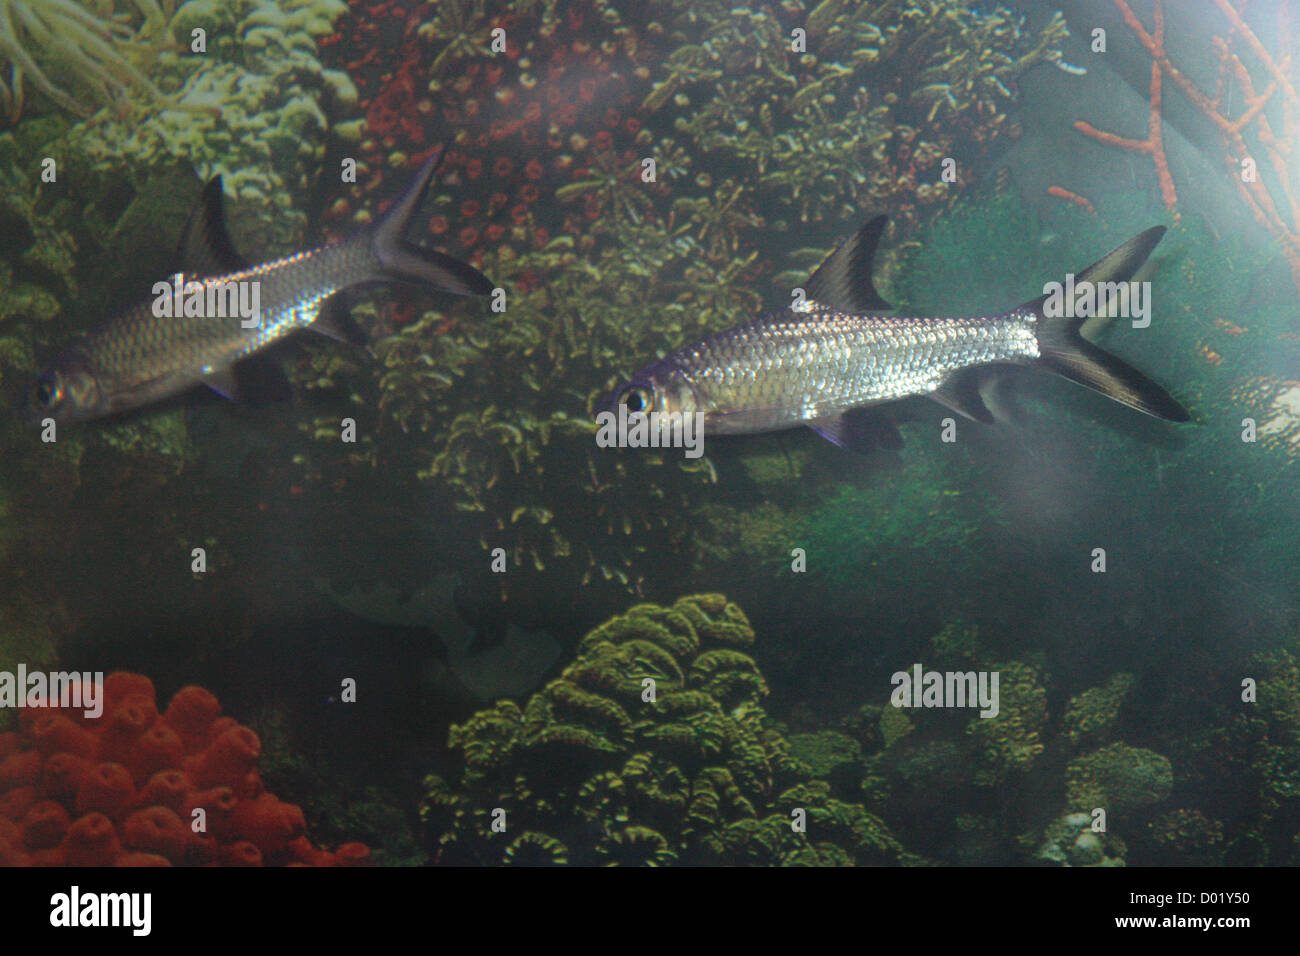 Los peces de agua dulce peces de acuario peces for Peces y estanques